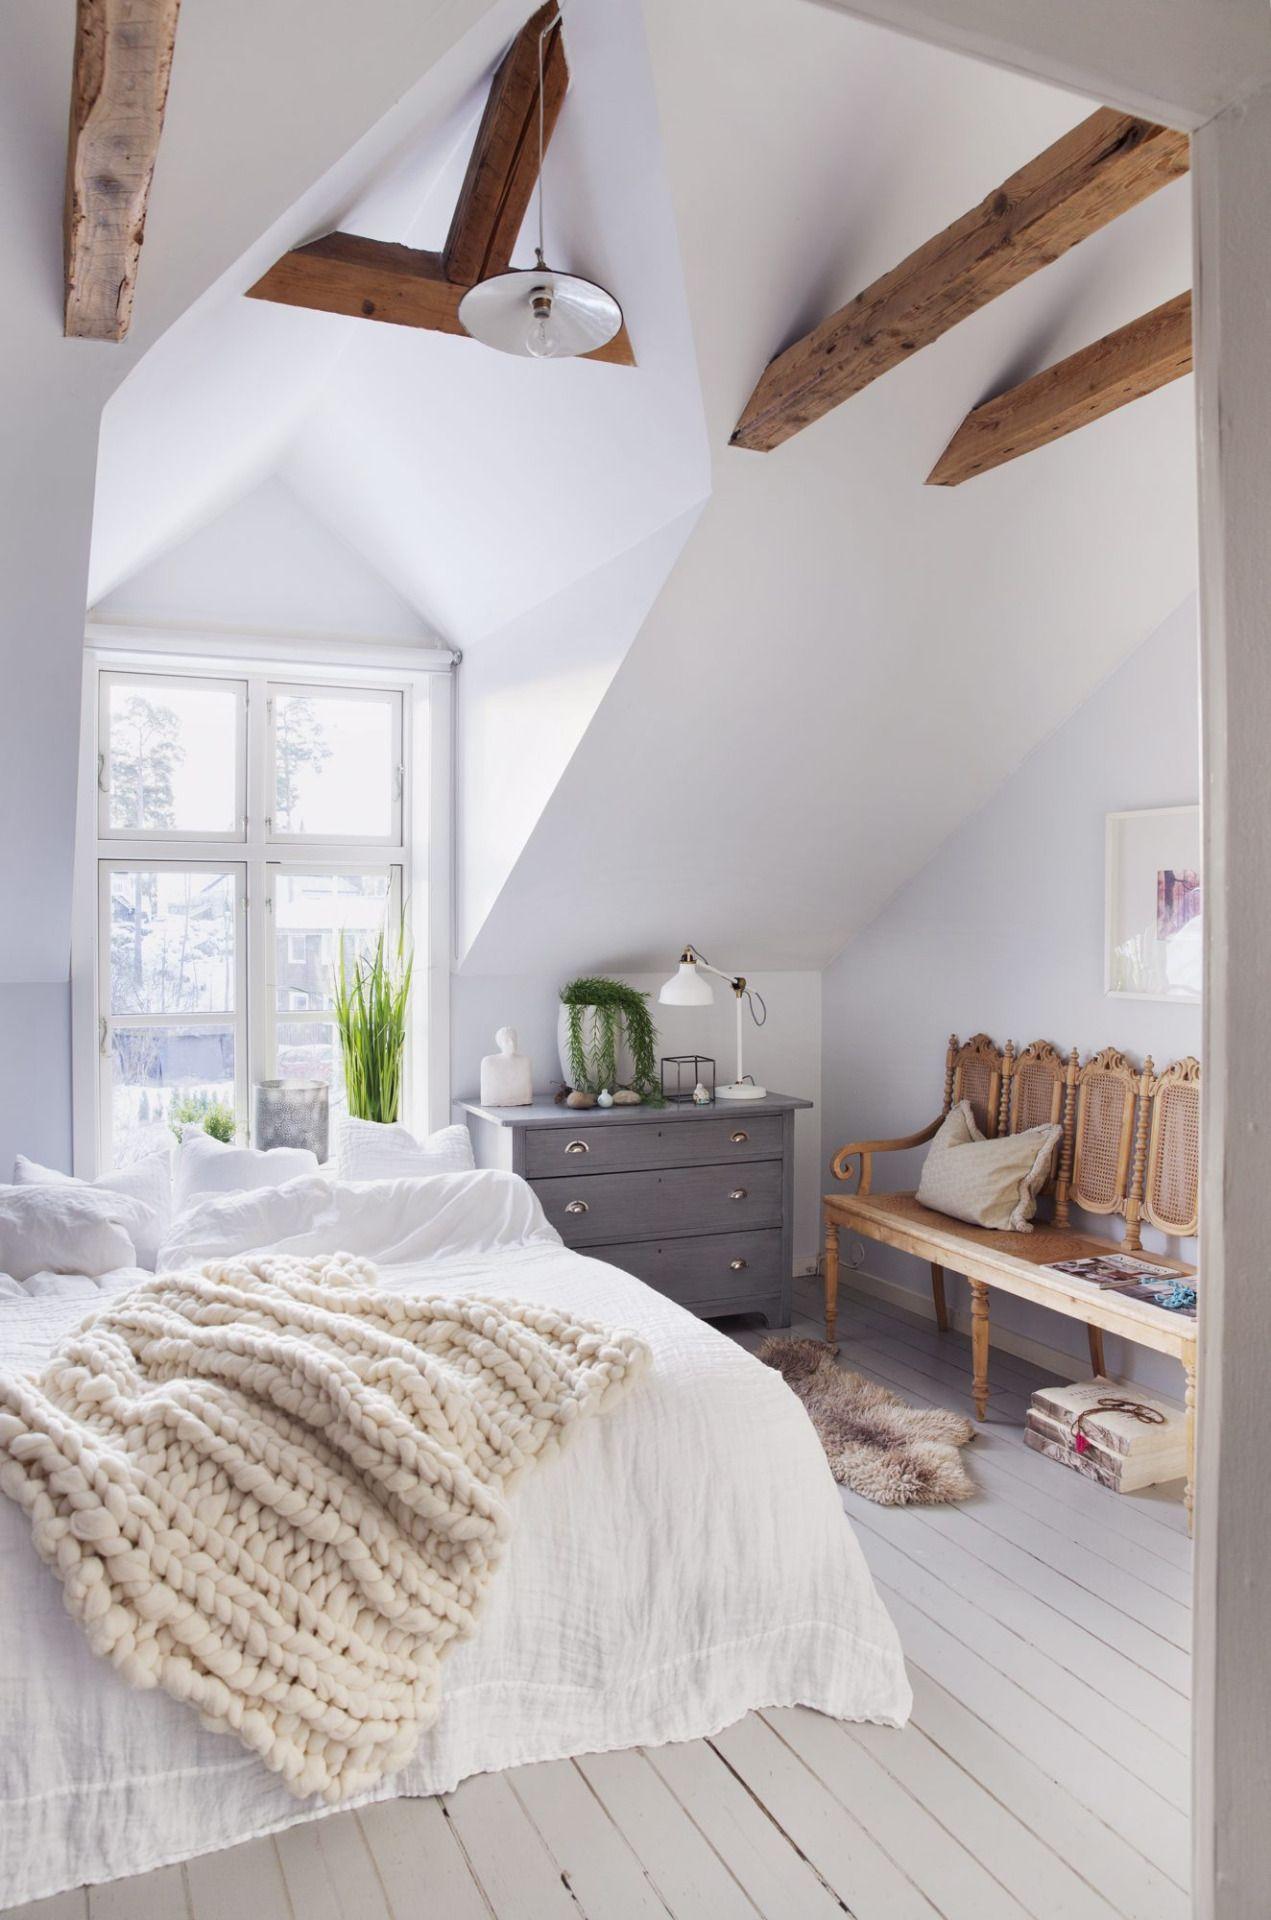 Schönes innenarchitektur wohnzimmer pin von bex hale auf bedroom inspiration  pinterest  schlafzimmer